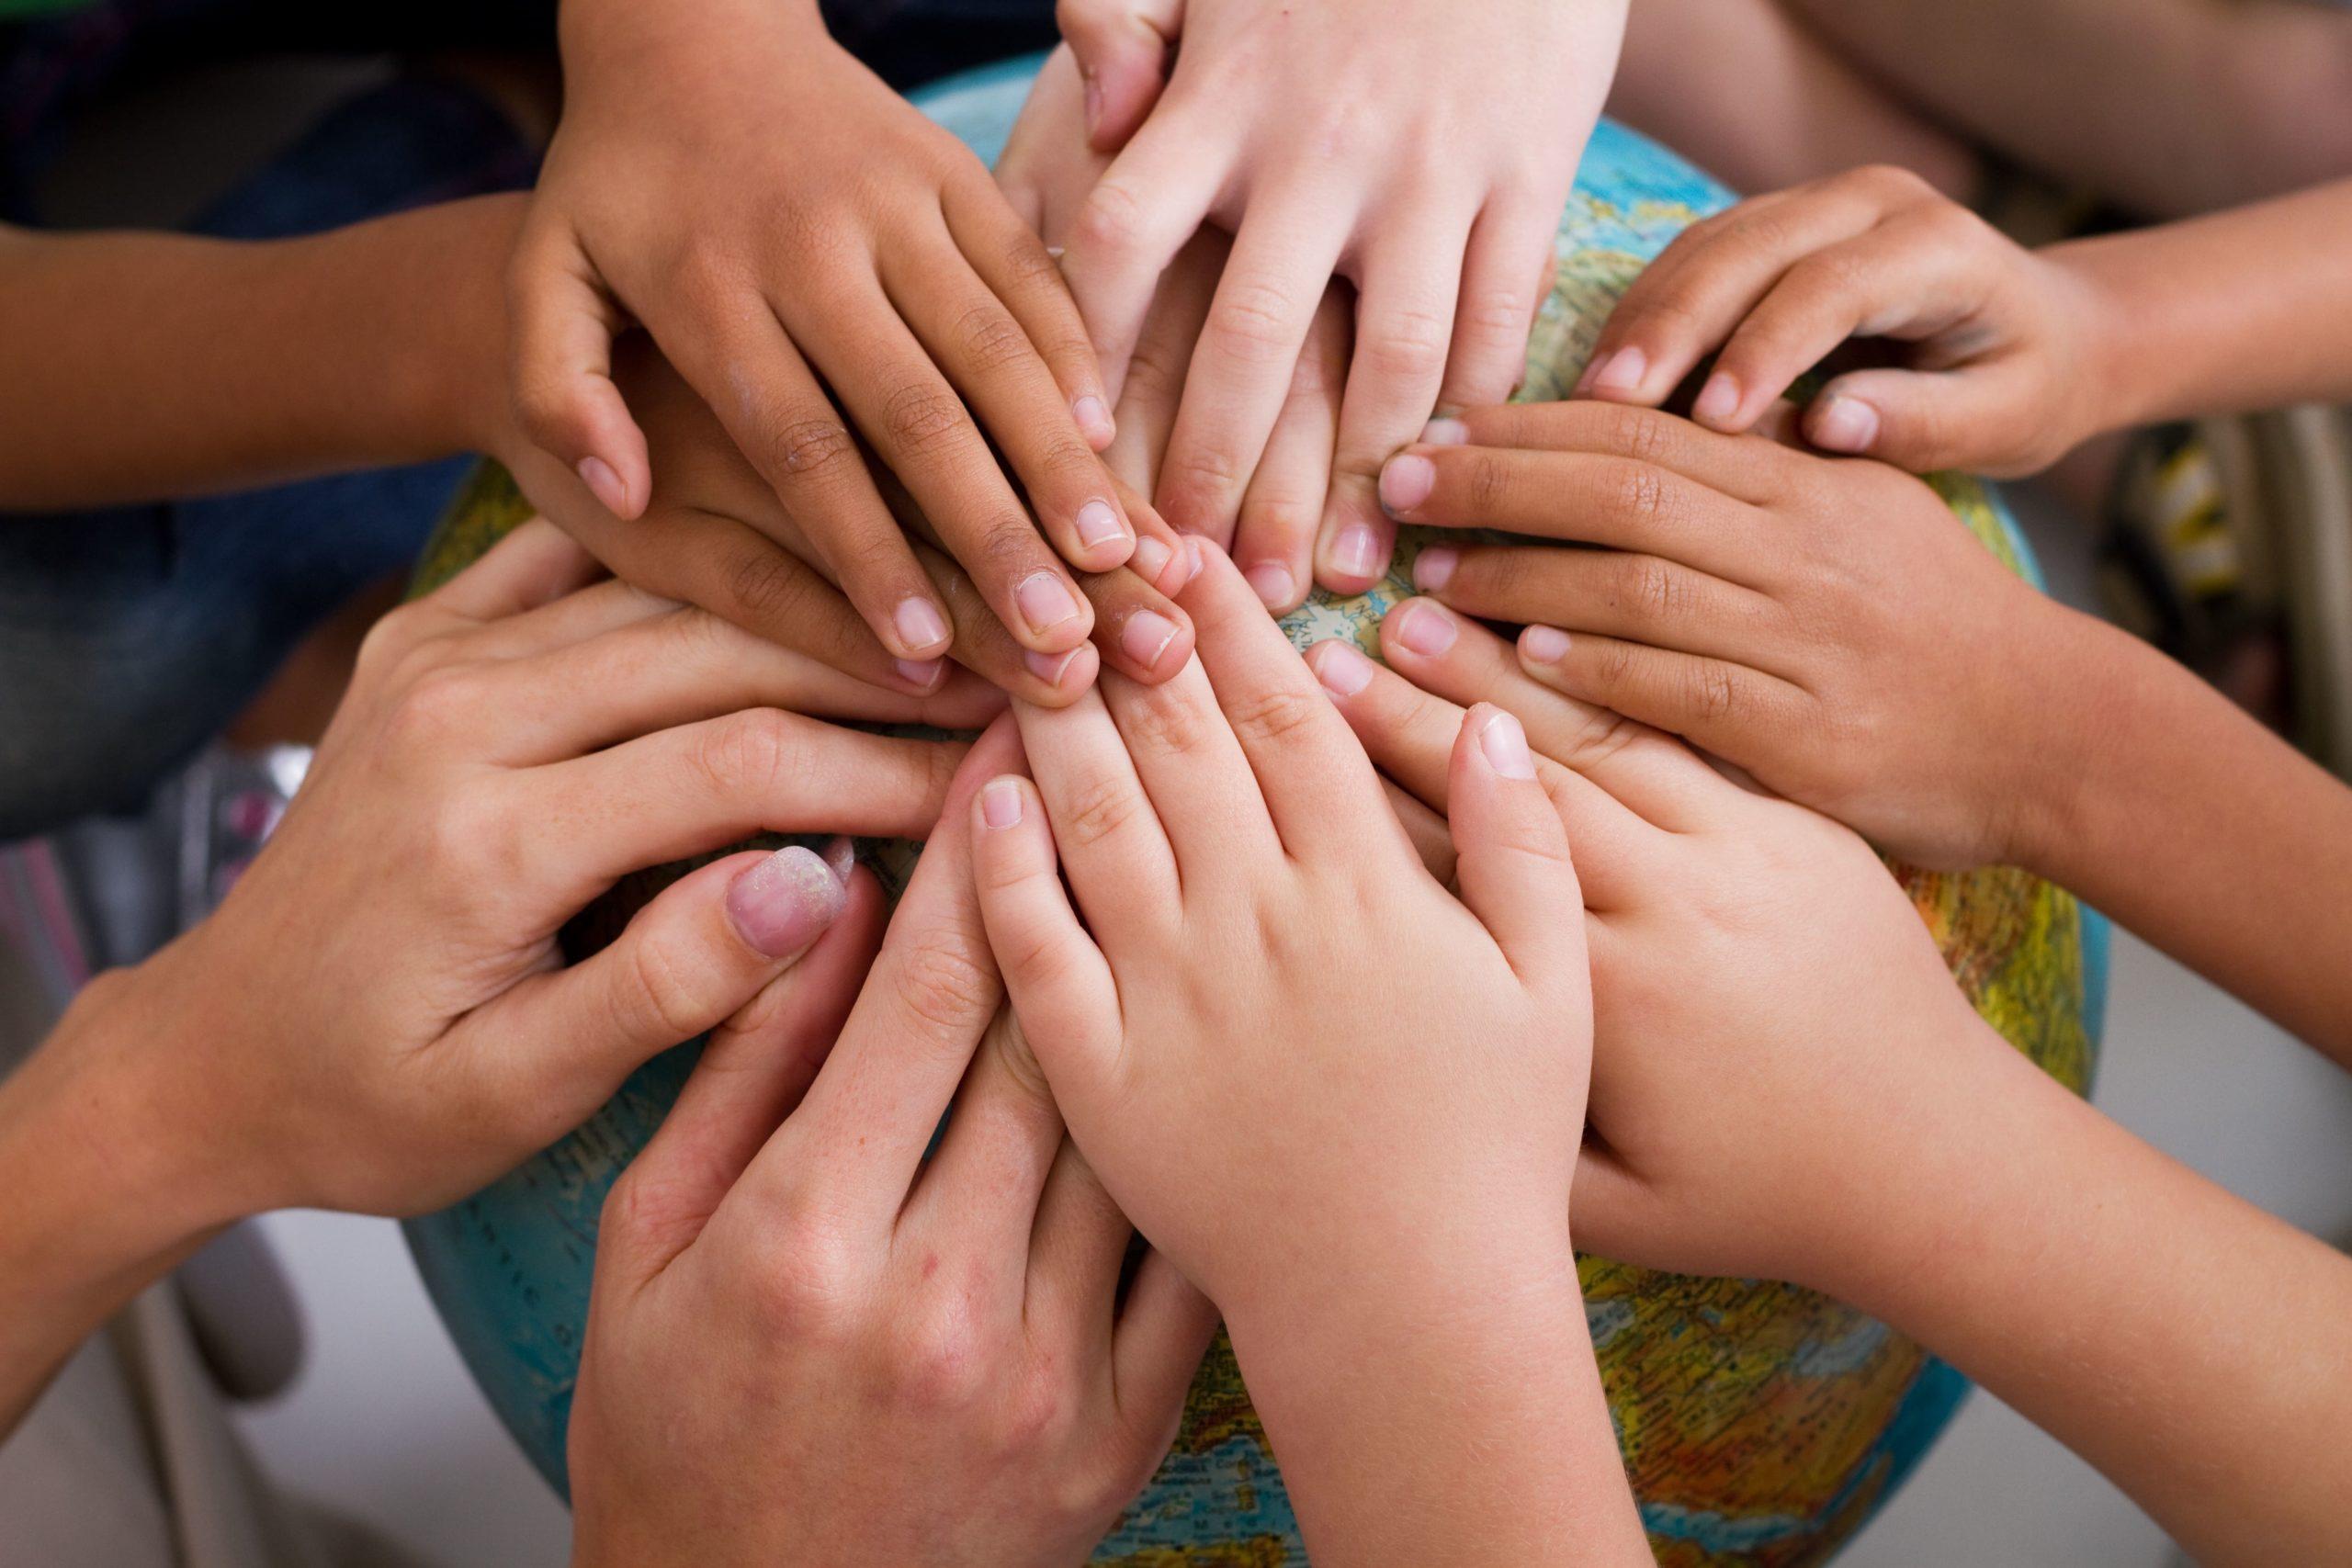 ילדים מניחם ידיים עם כדור הארץ